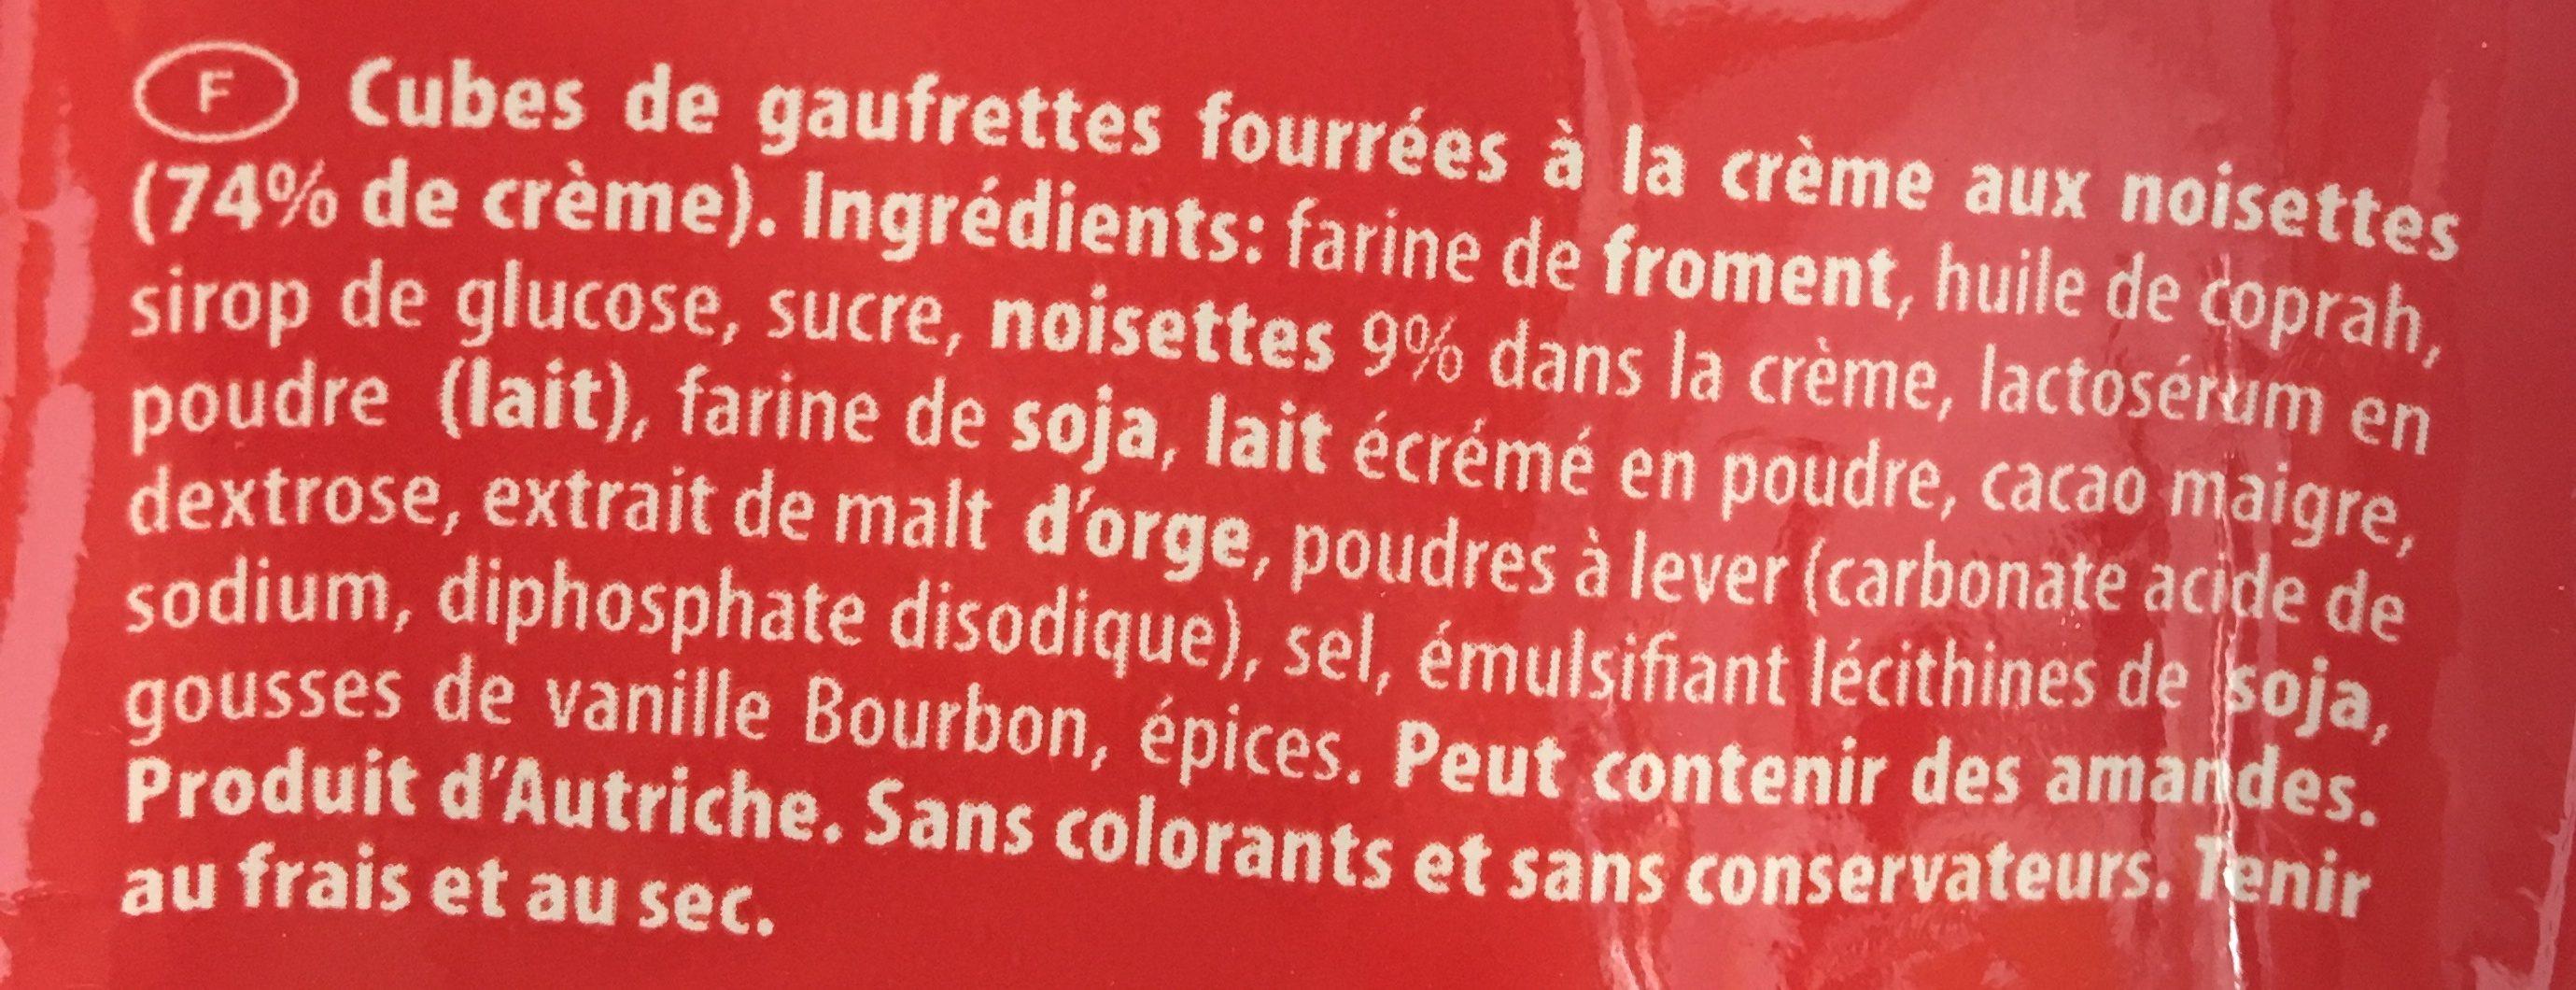 Quadratini - Ingrédients - fr